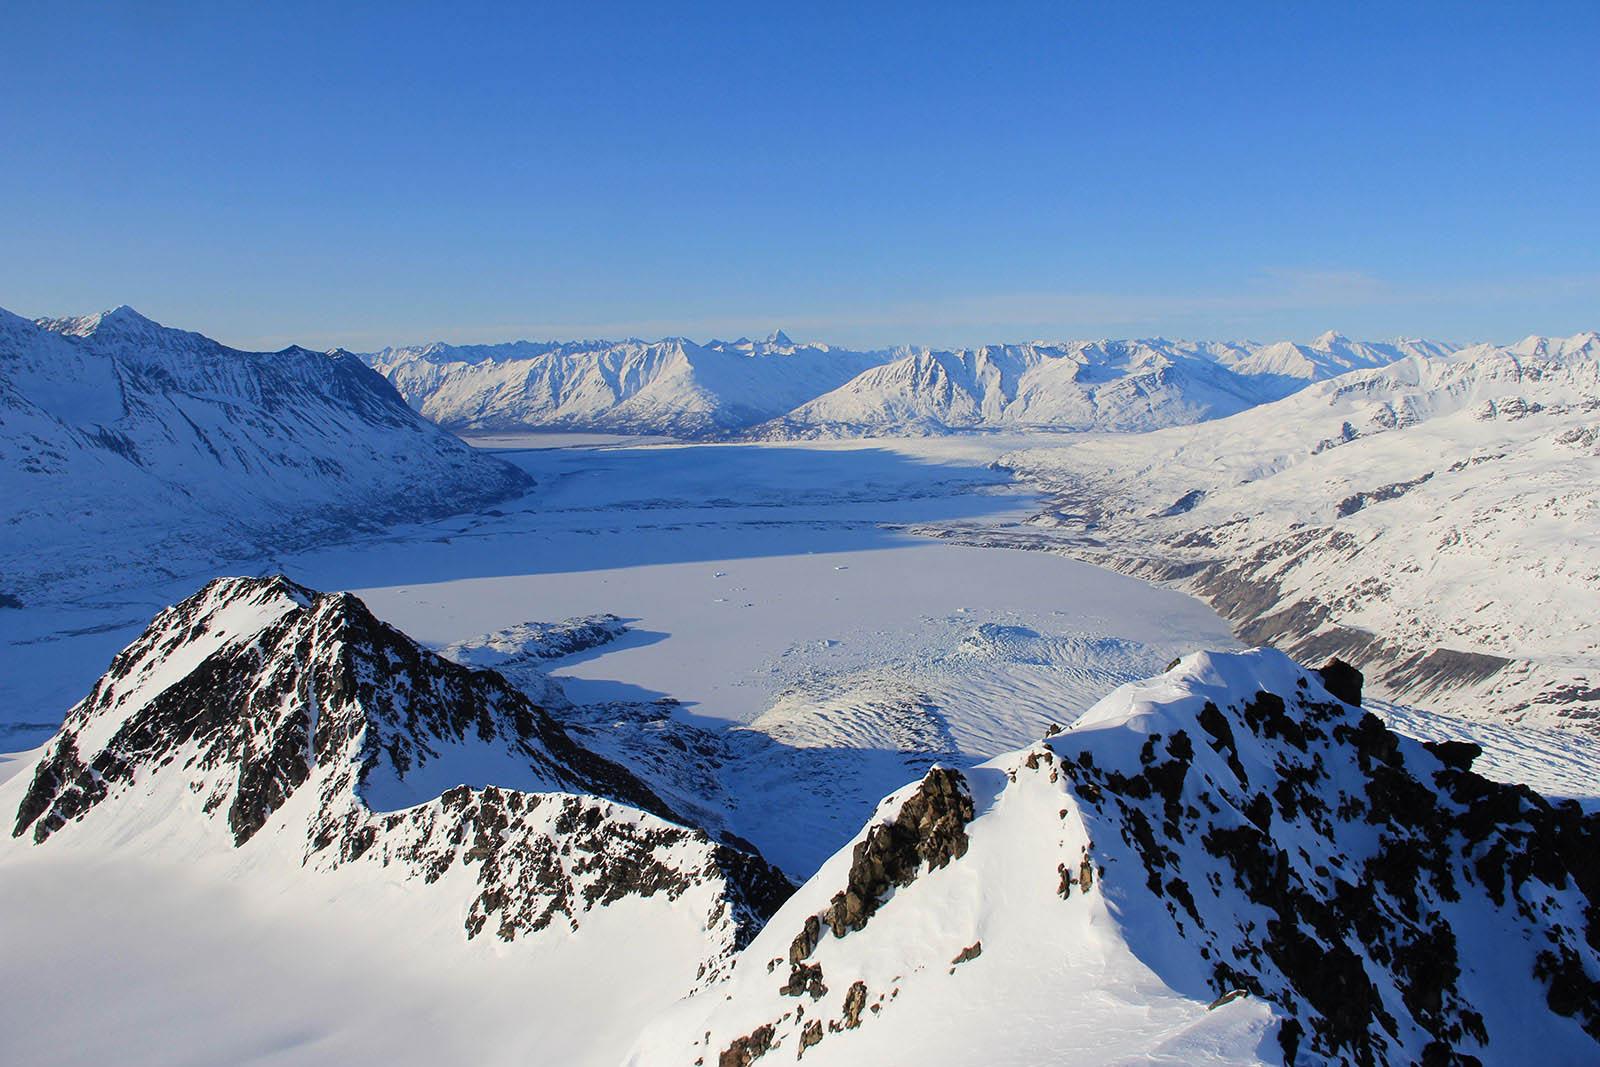 Alaska Glacier Scenery